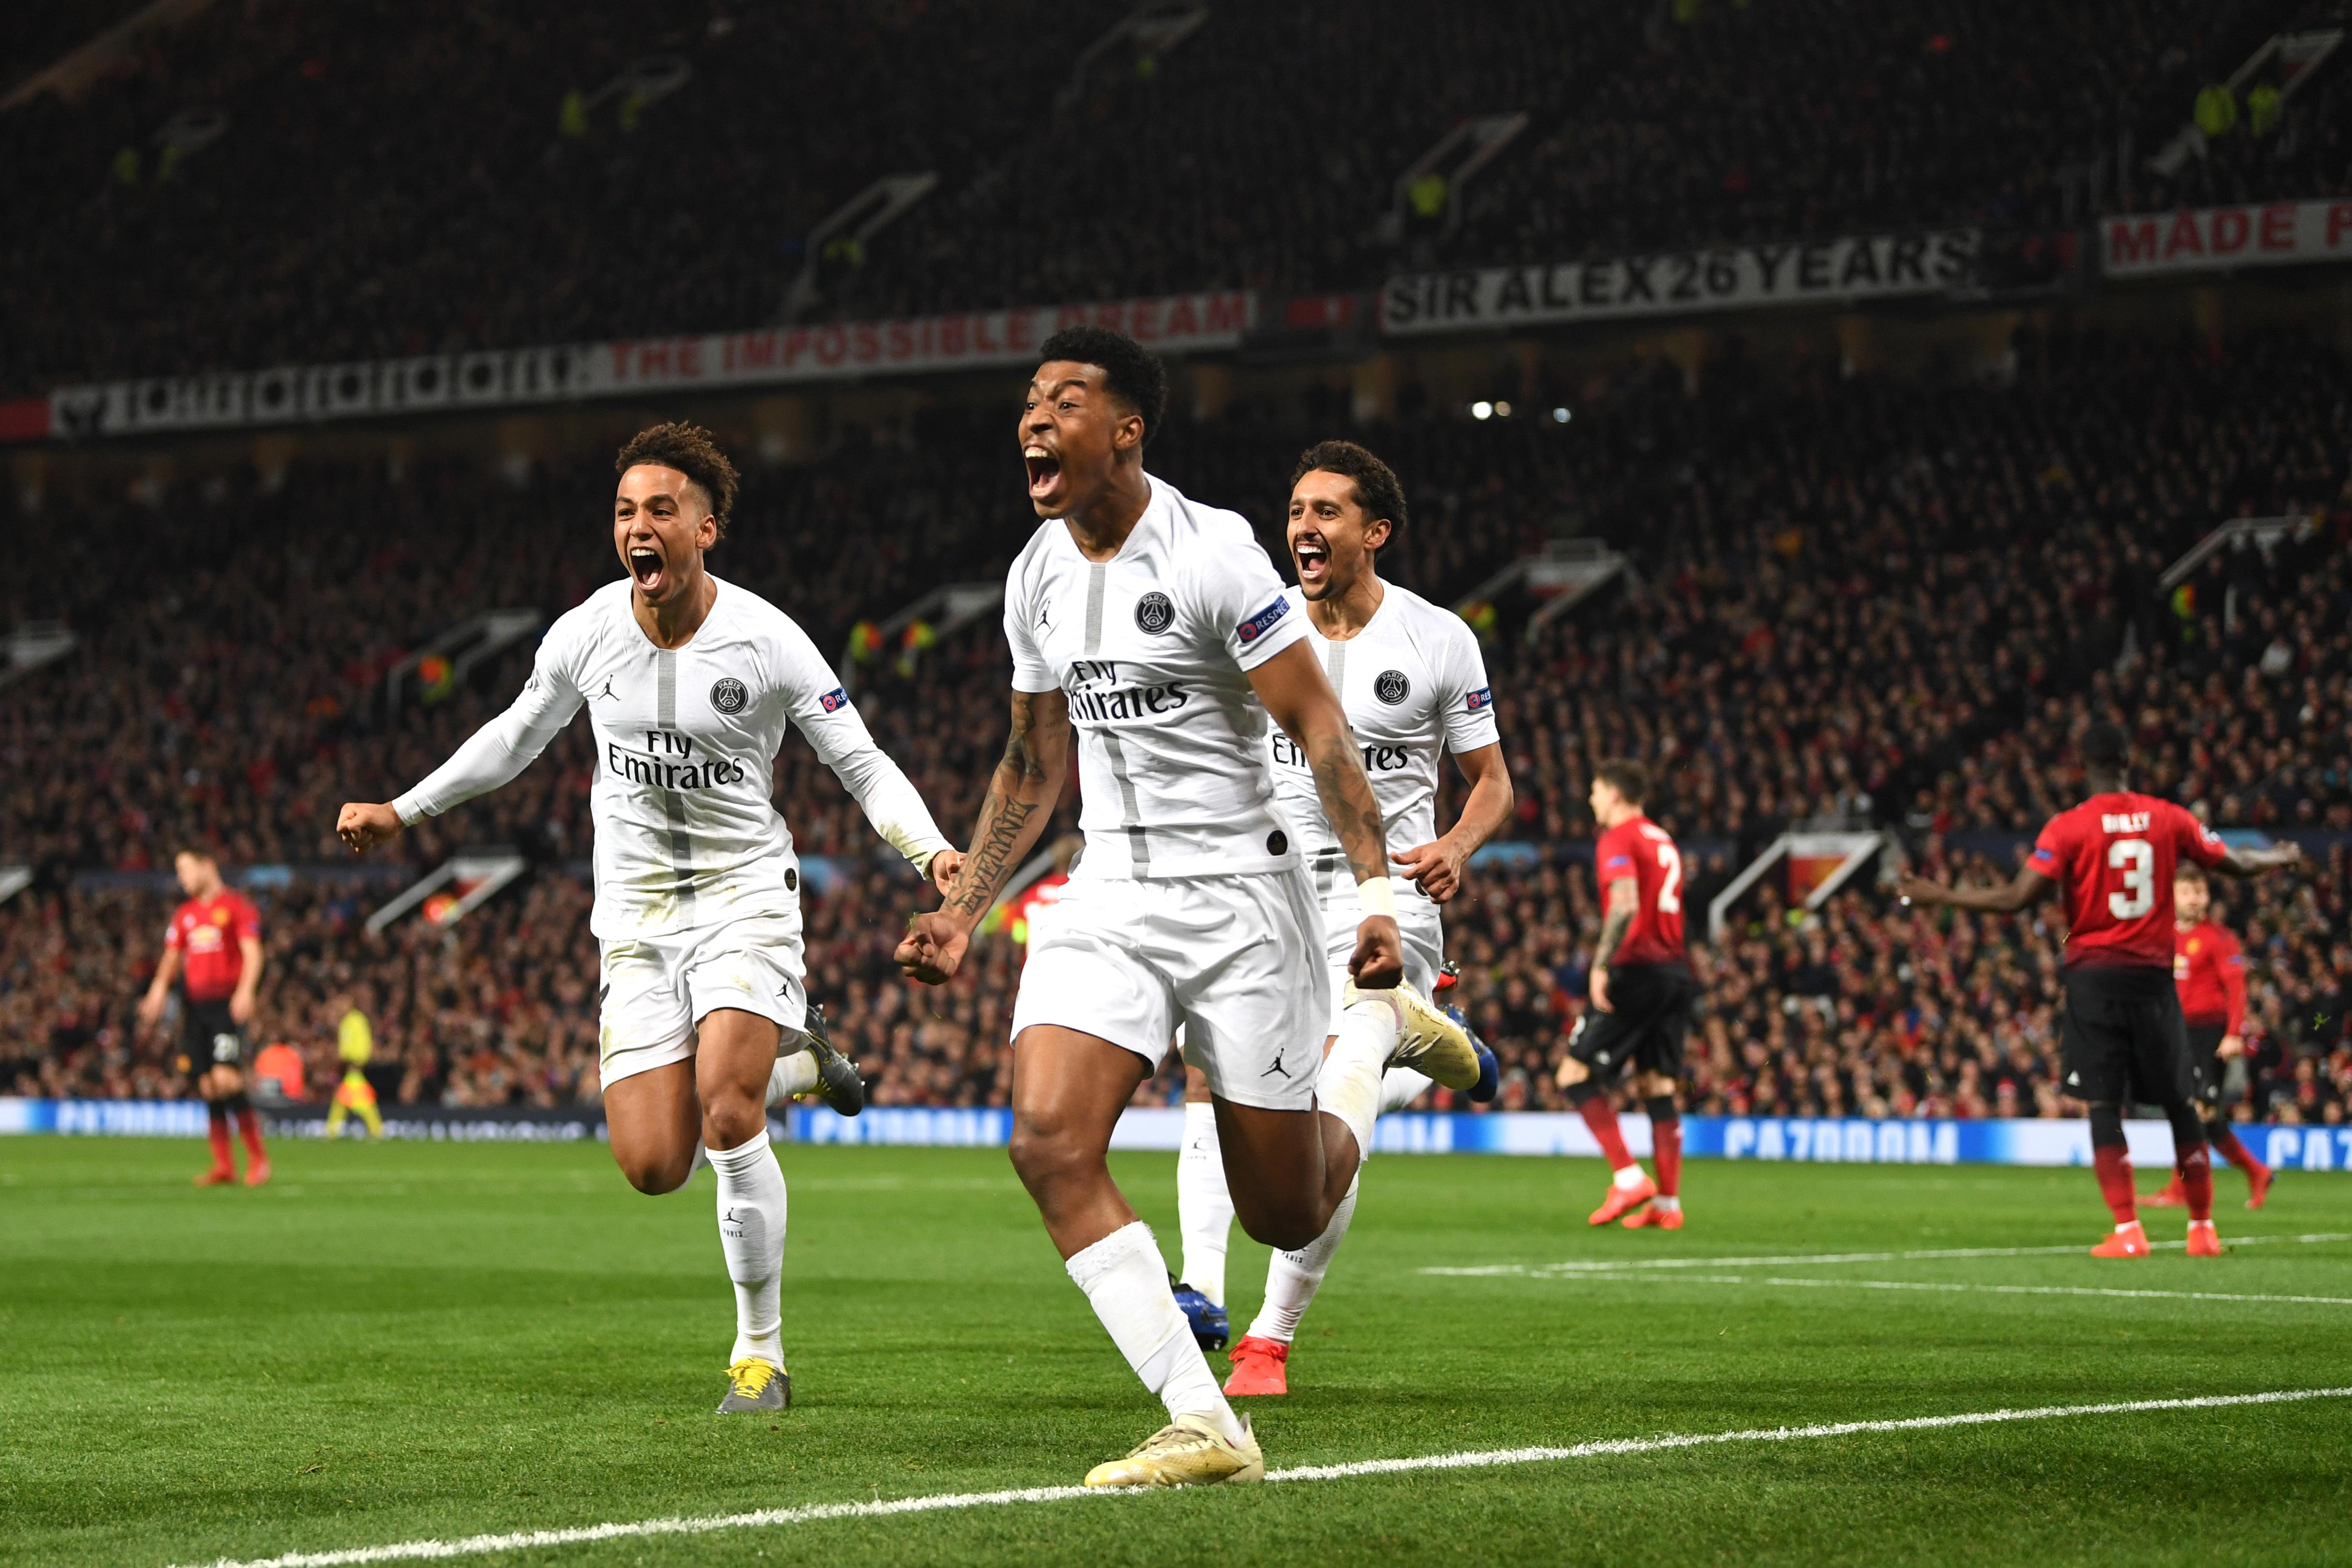 PSG, Champions League